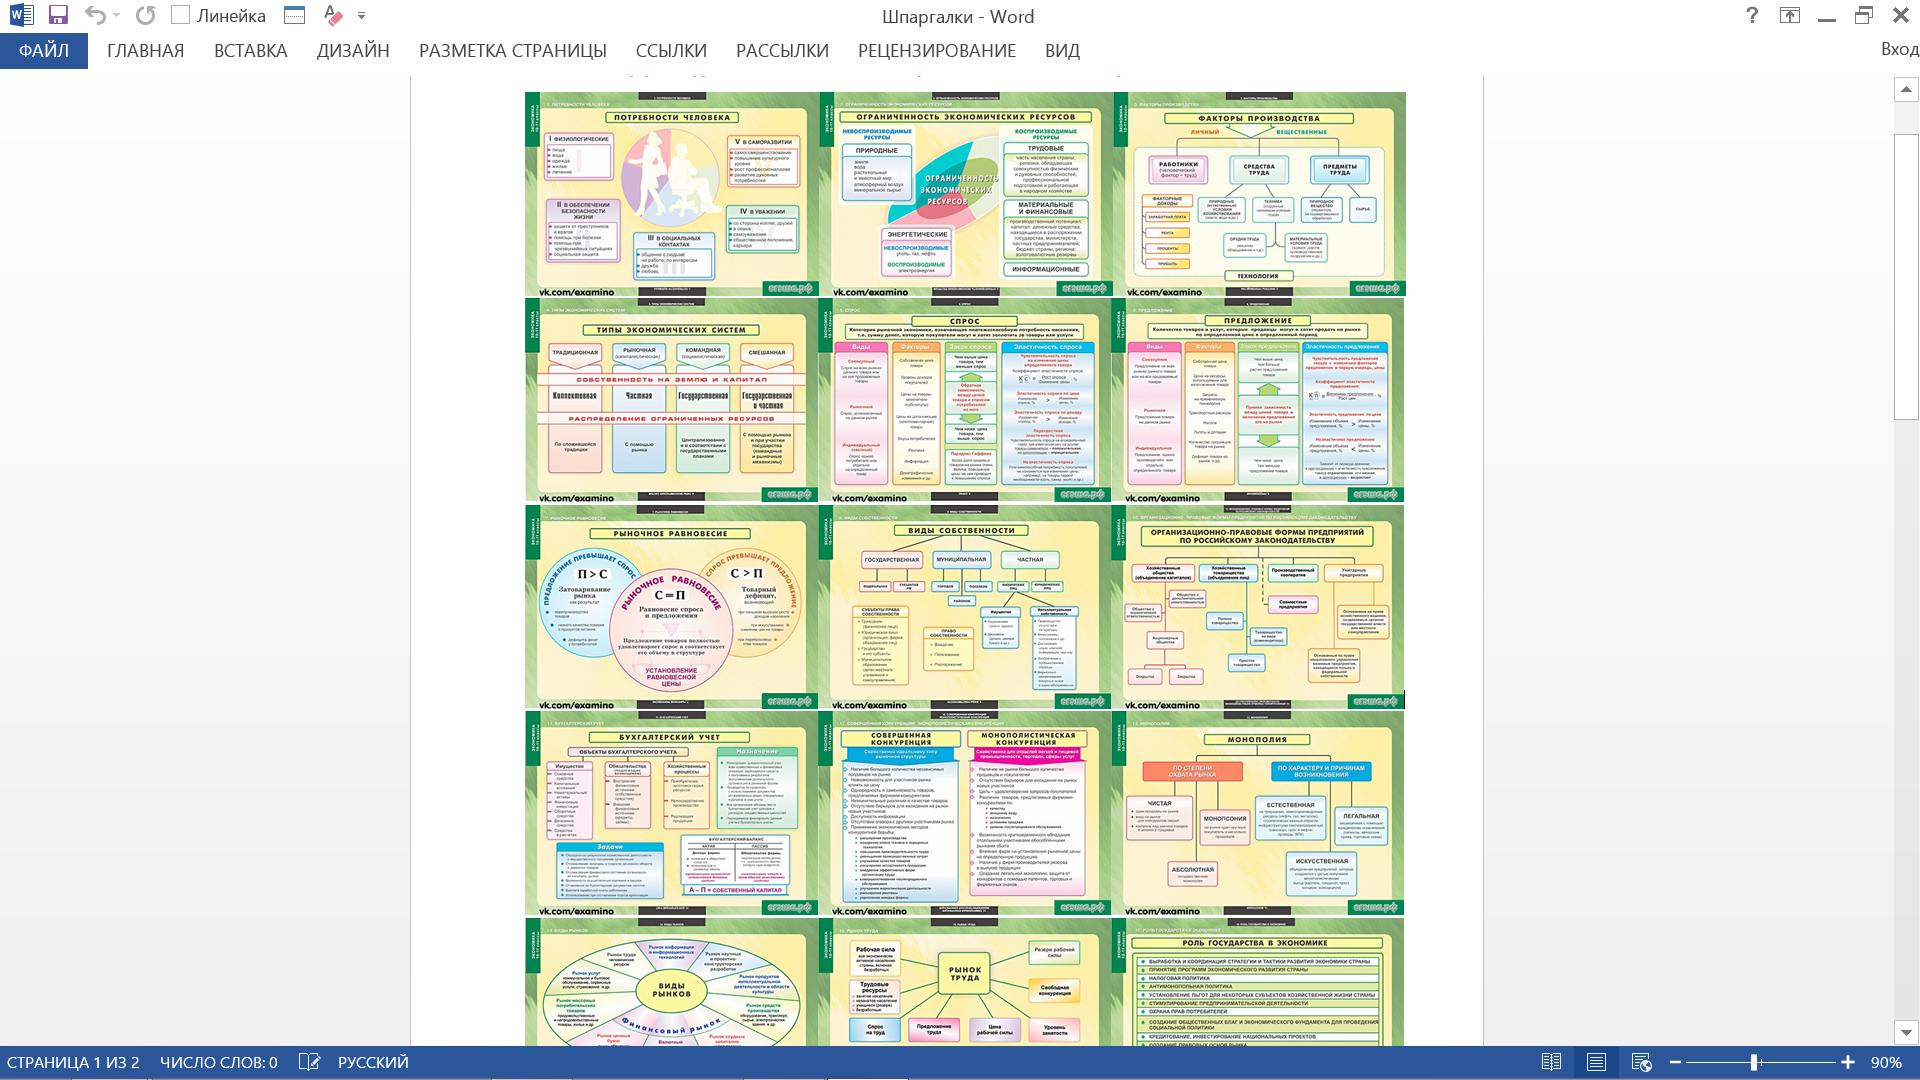 Шпаргалки по истории в схемах и таблицах